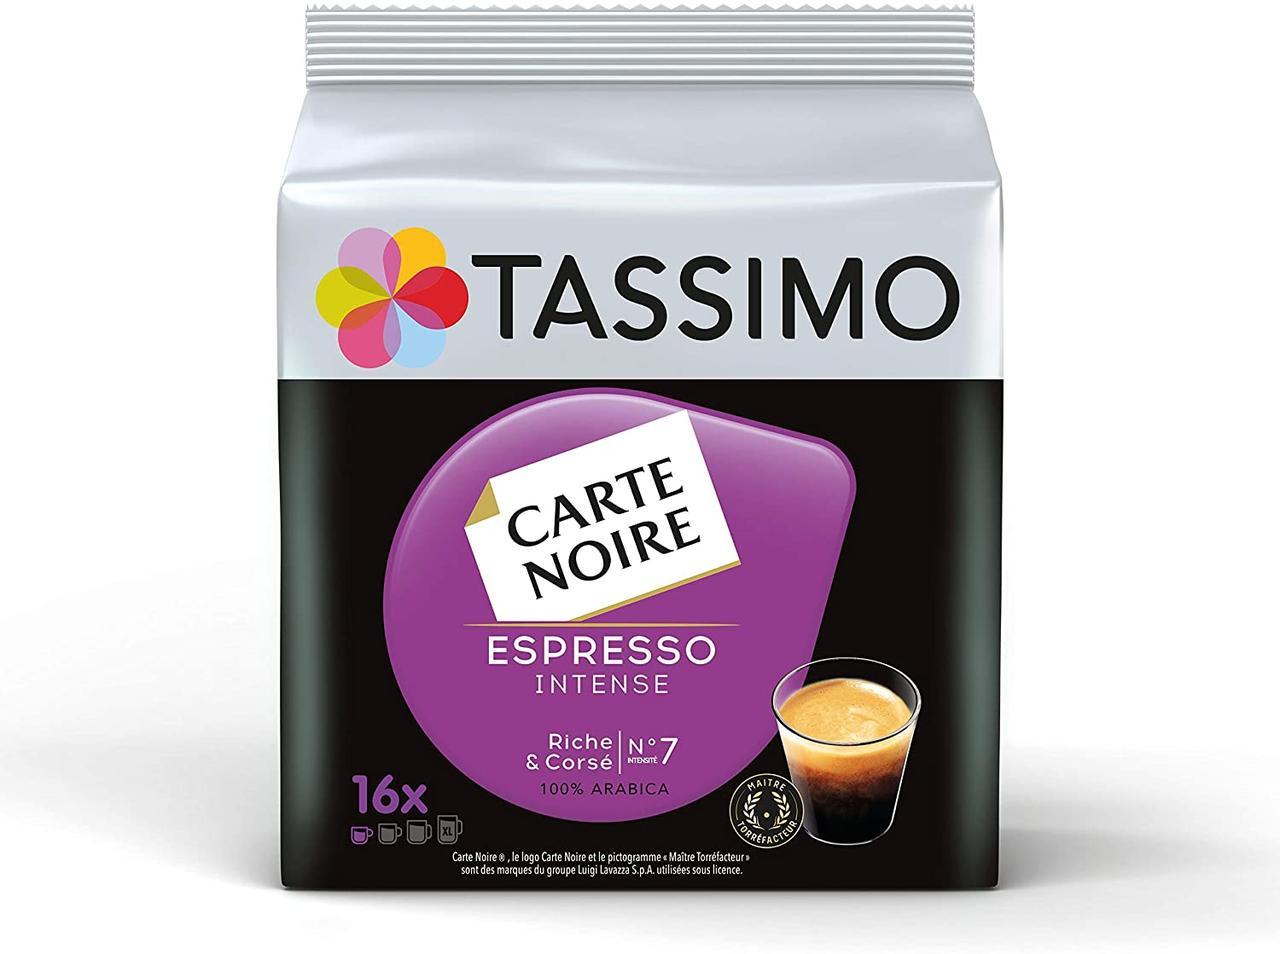 НОВИНКА! Кофе в капсулах Тассимо - CARTE NOIRE Espresso INTENSE (16 порций)